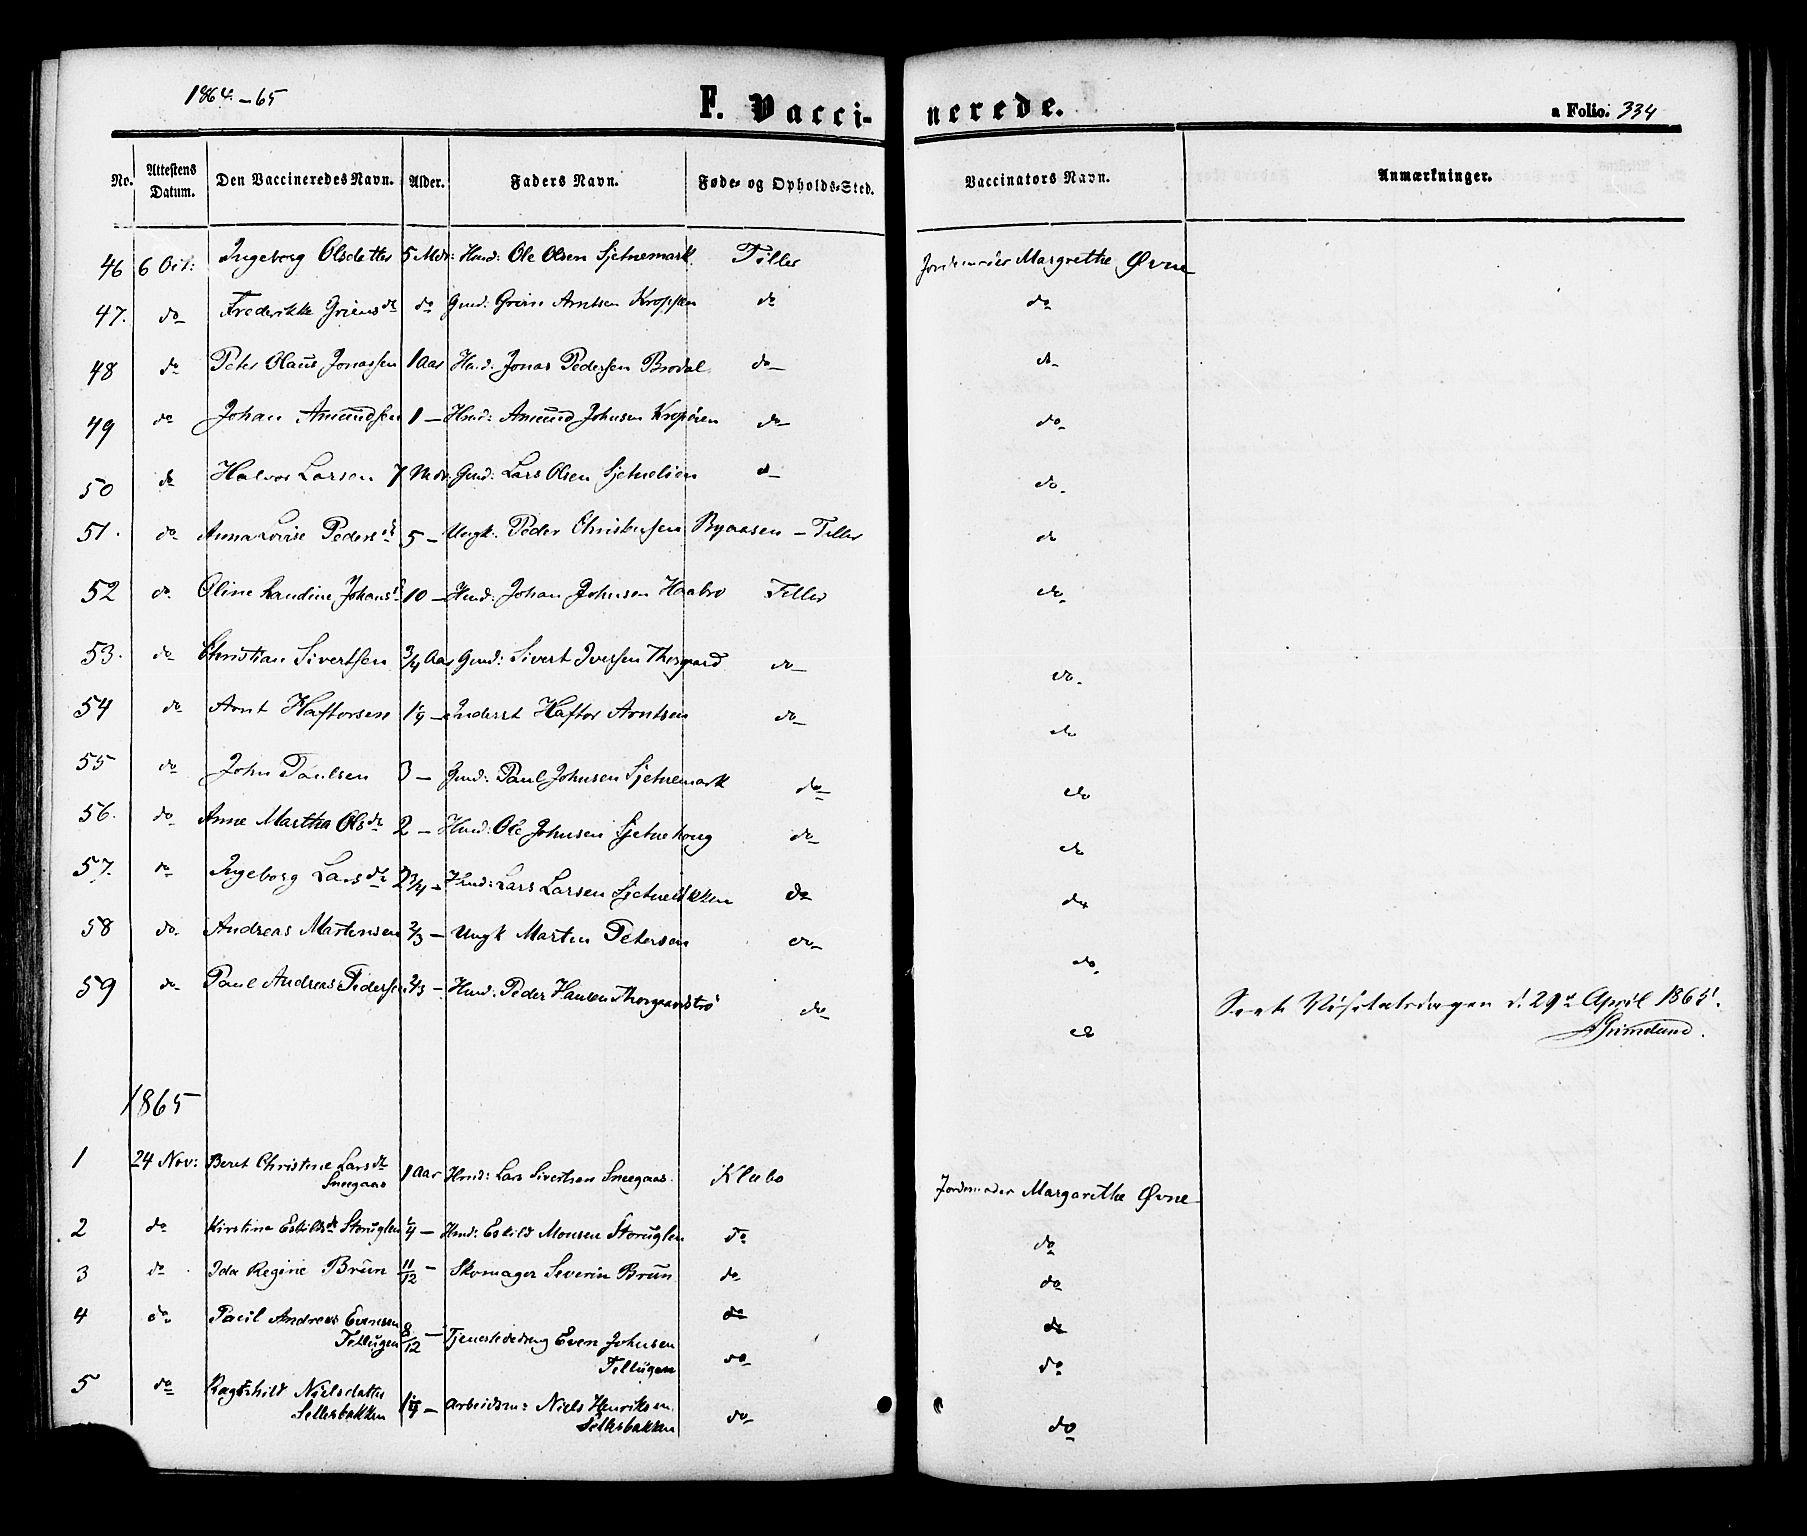 SAT, Ministerialprotokoller, klokkerbøker og fødselsregistre - Sør-Trøndelag, 618/L0442: Ministerialbok nr. 618A06 /1, 1863-1879, s. 334